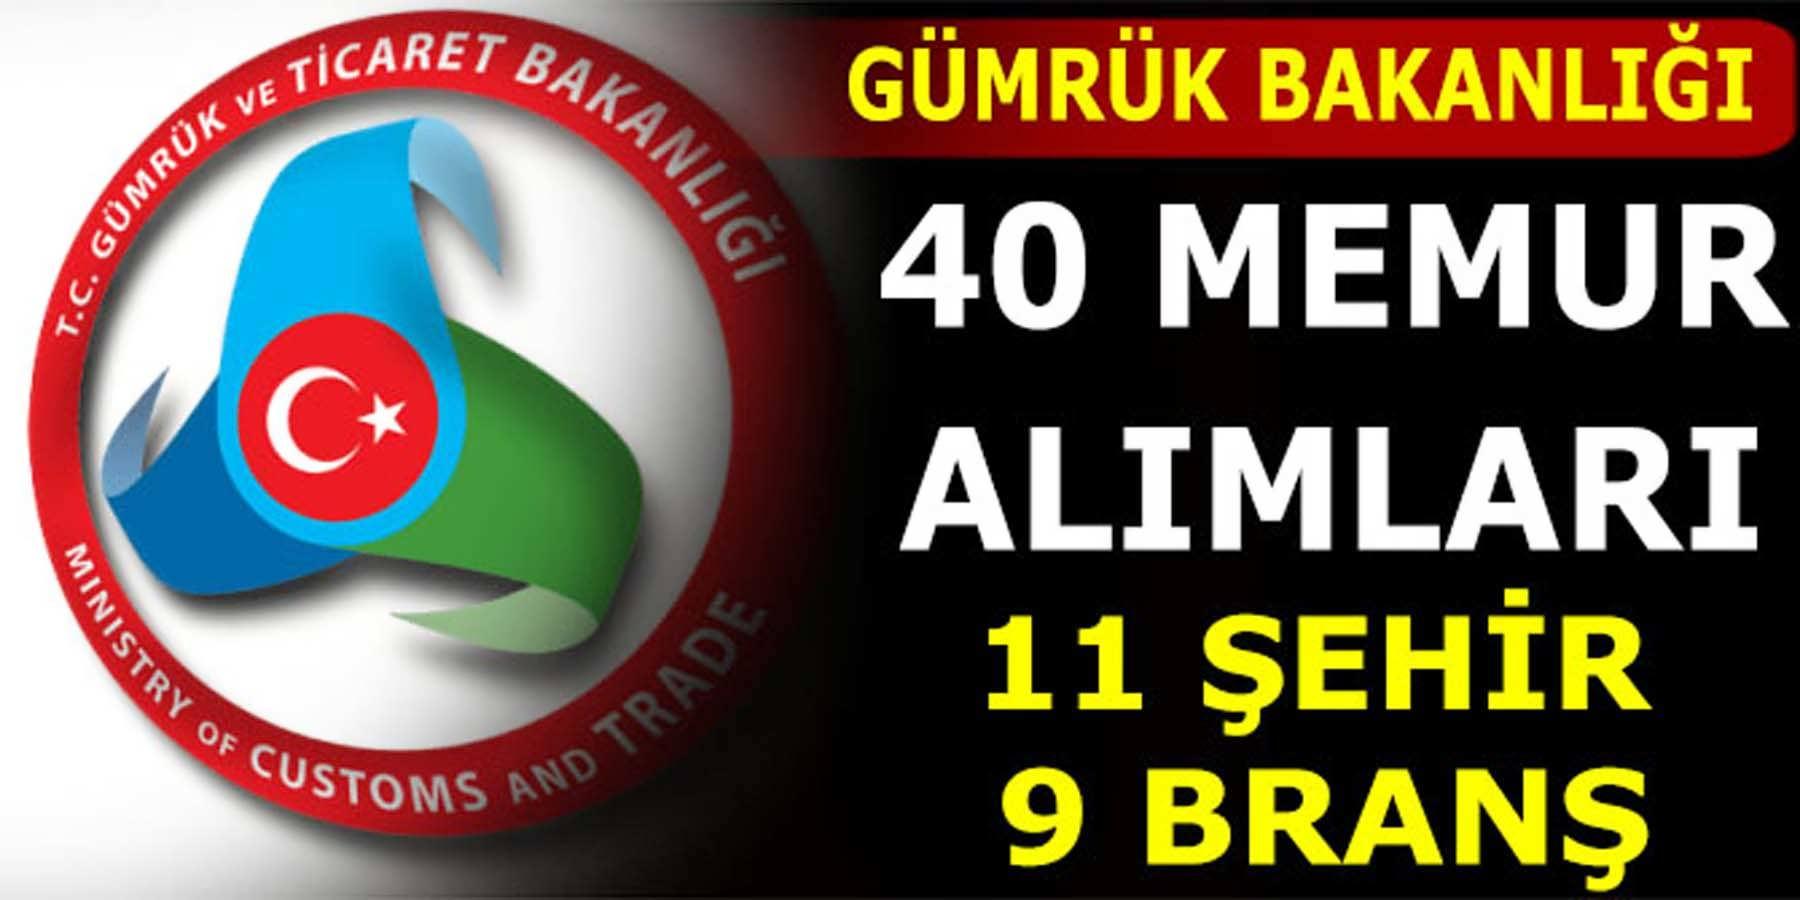 Gümrük Bakanlığı 9 Branş 11 Şehir 40 Memur Alacak